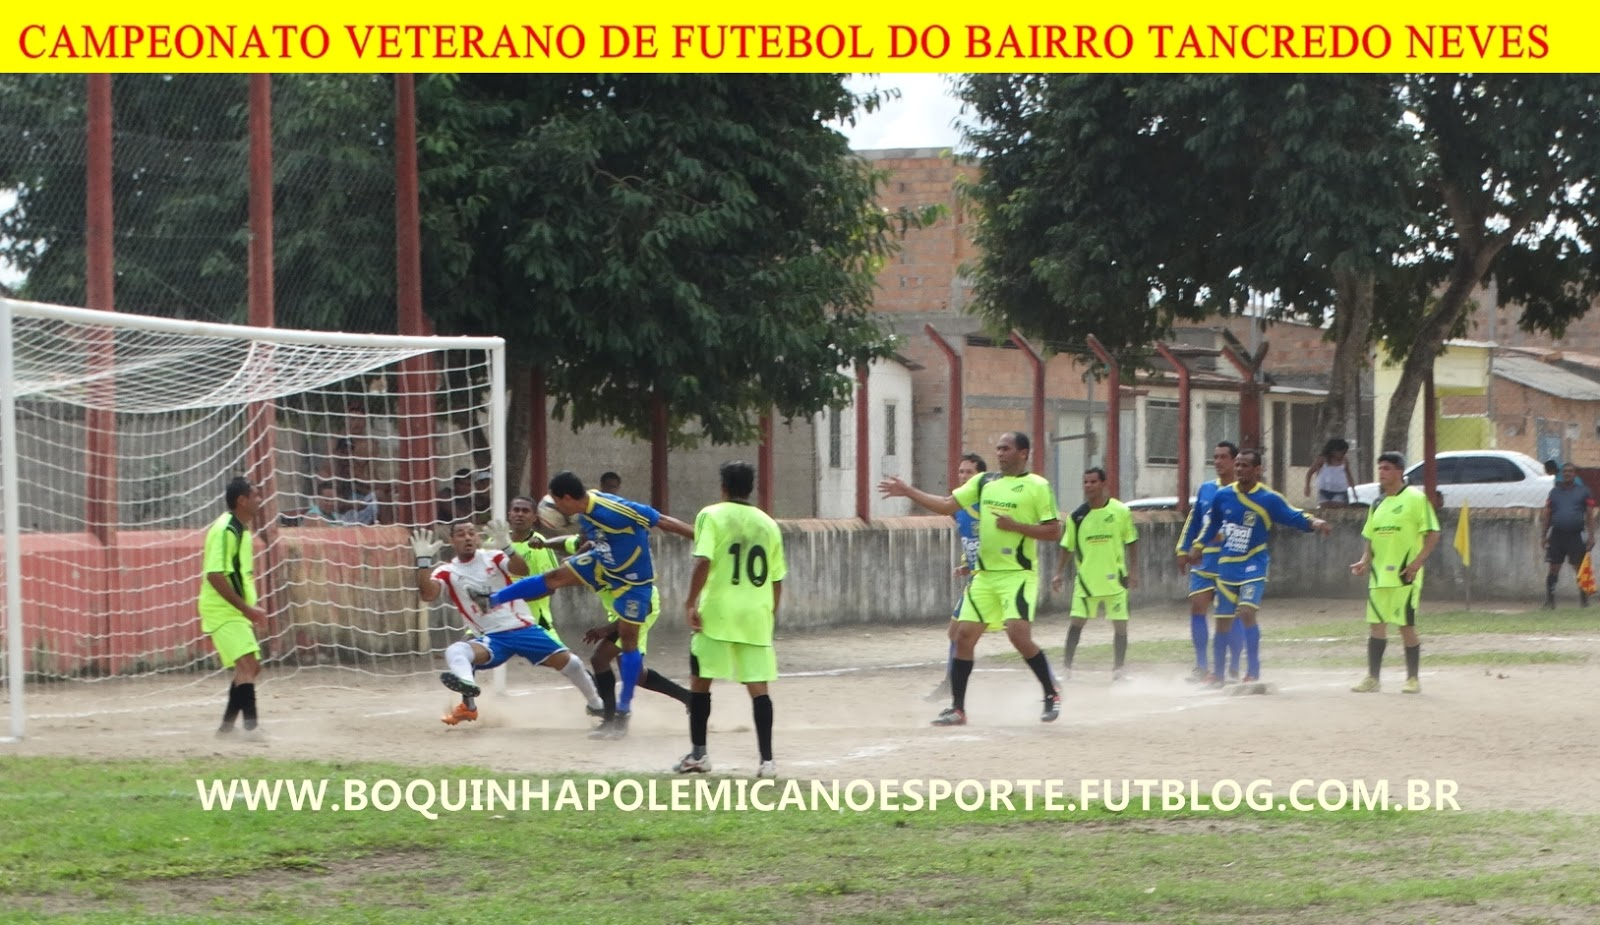 846eb778d7 Independente e Pai e Filho vence na estréia do 19º Campeonato Veterano de  Futebol do Bairro Tancredo Neves edição 2015.